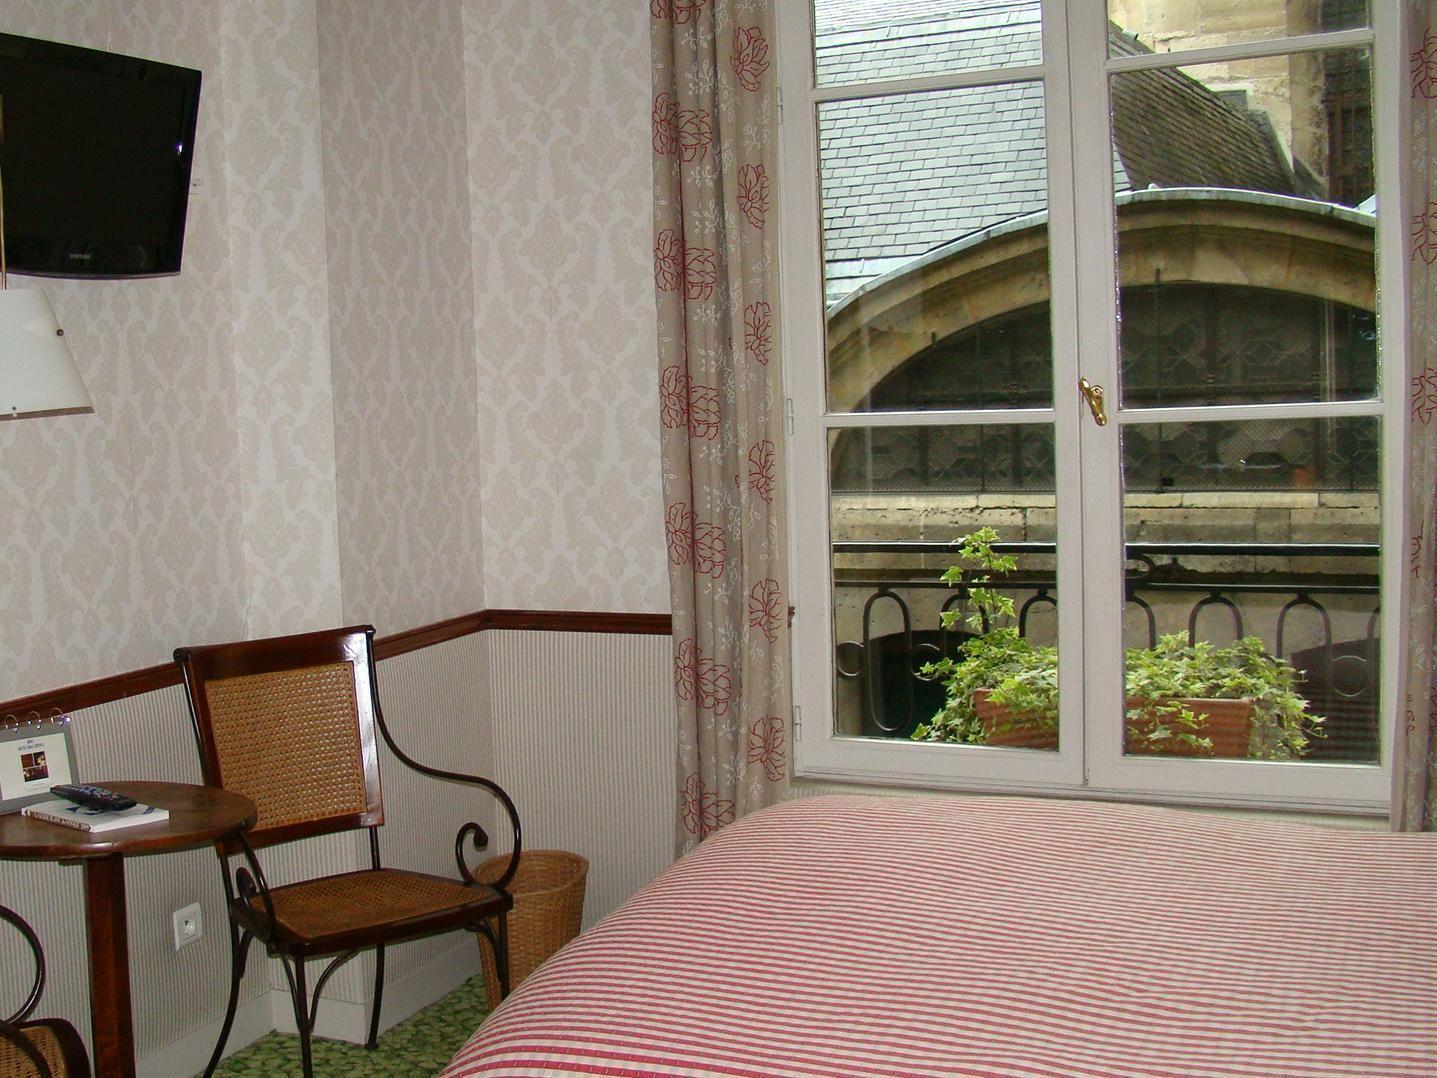 Relais Saint Sulpice Hotel Paris, France